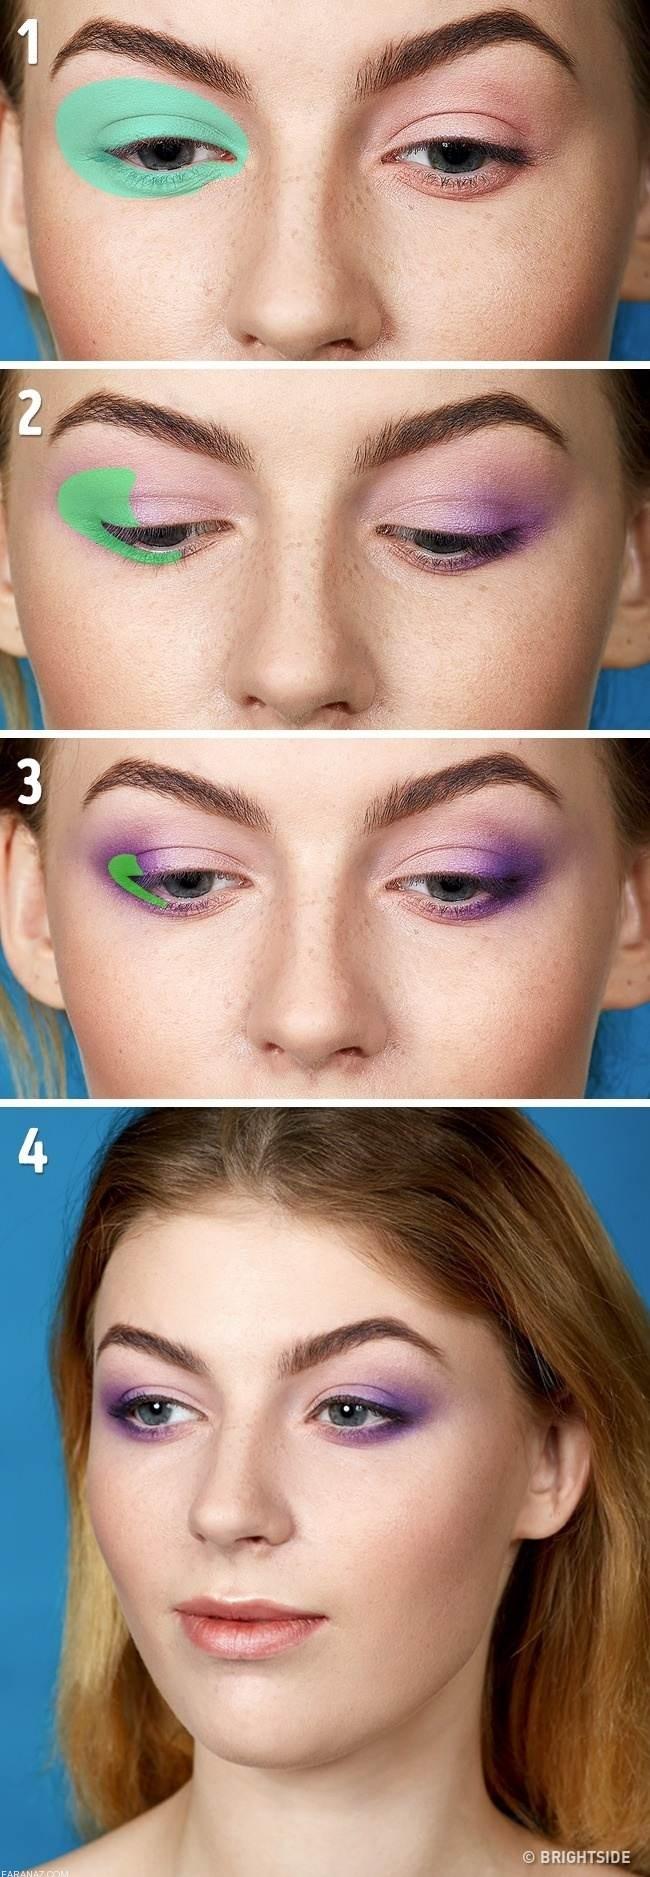 5 تکنیک آرایشی برای ارایش زیبا و خاص چشم ها